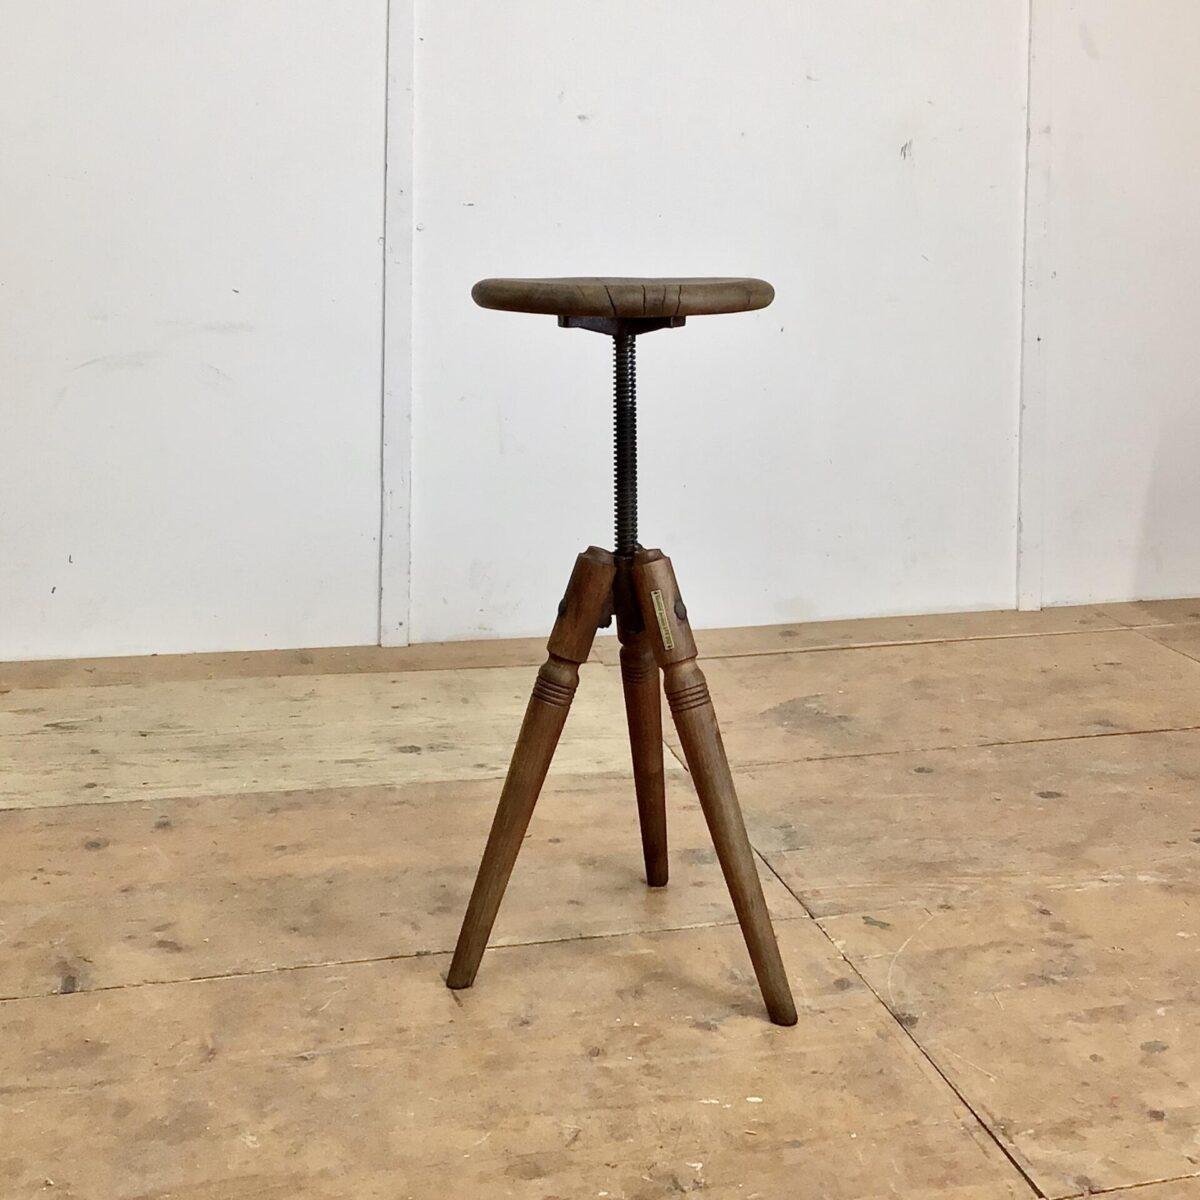 Alter Werkstatt Hocker höhenverstellbar von 47-70cm Durchmesser 31cm. Dieser Dreibein Stuhl hat eine schöne Industrie Patina, die höhenverstellbare Rändelschraube läuft sauber.